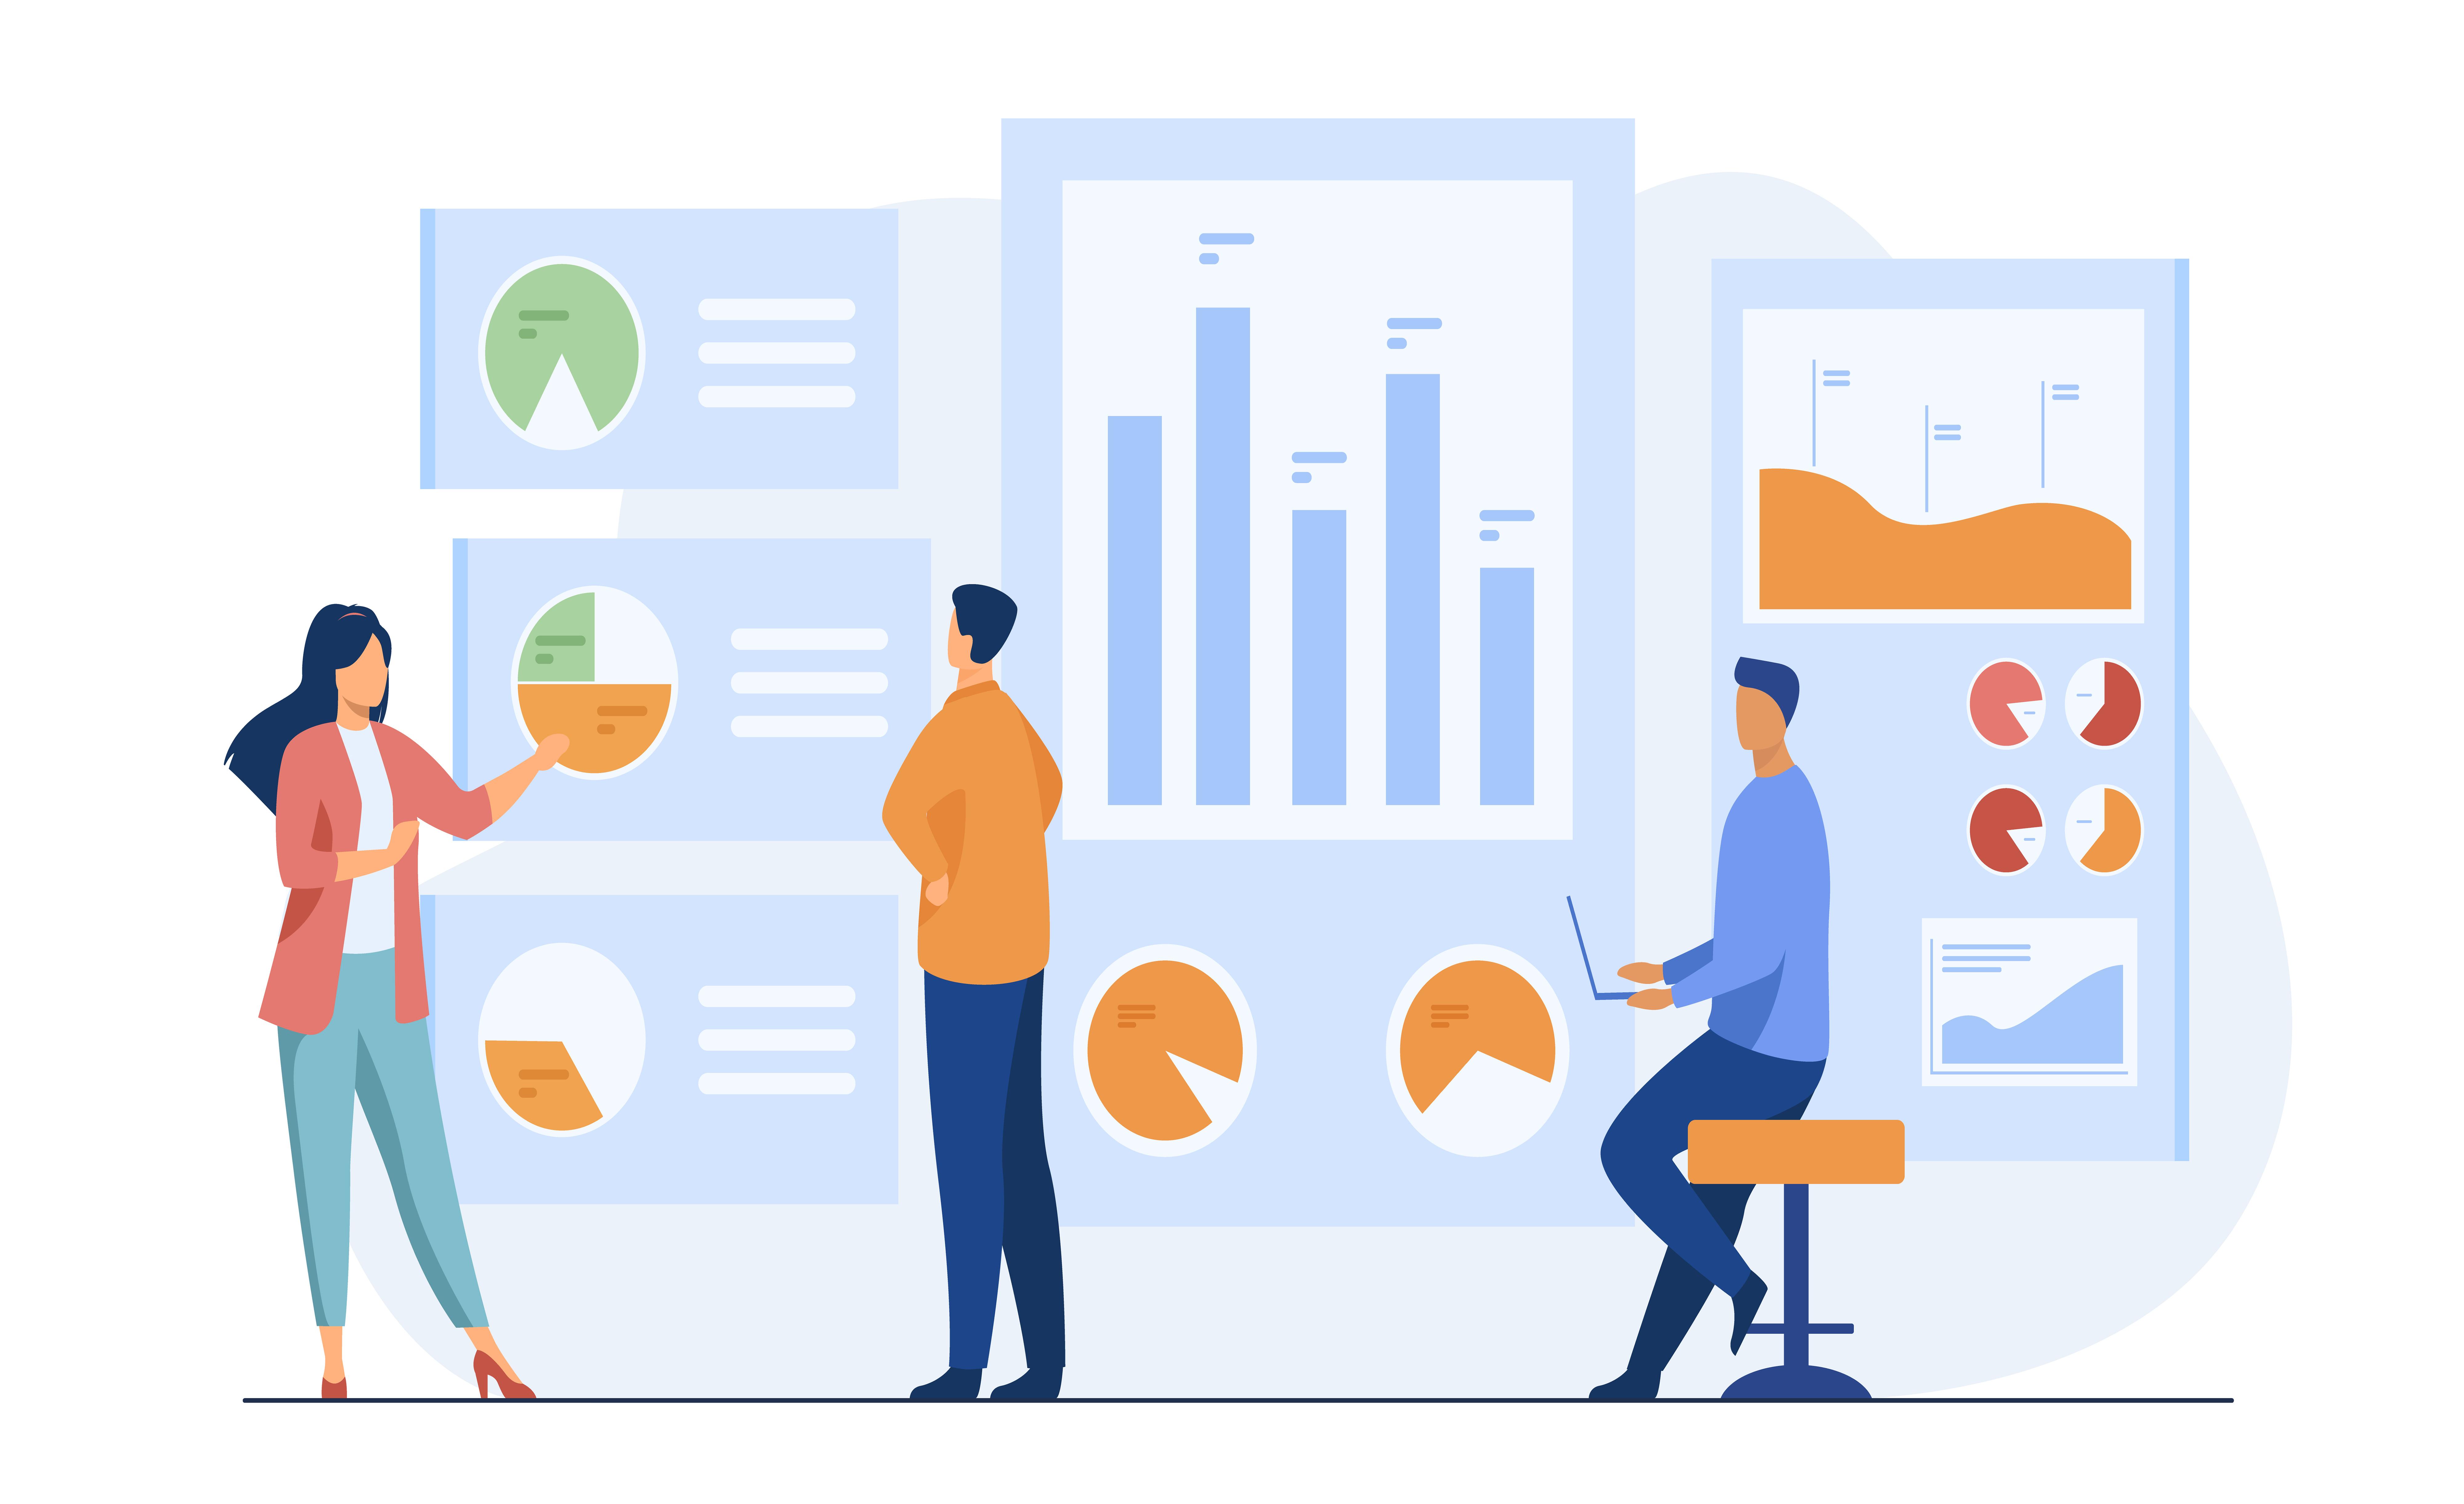 Para que serve o Google Analytics? Conheça a principal ferramenta de métricas e monitoramento da Web!